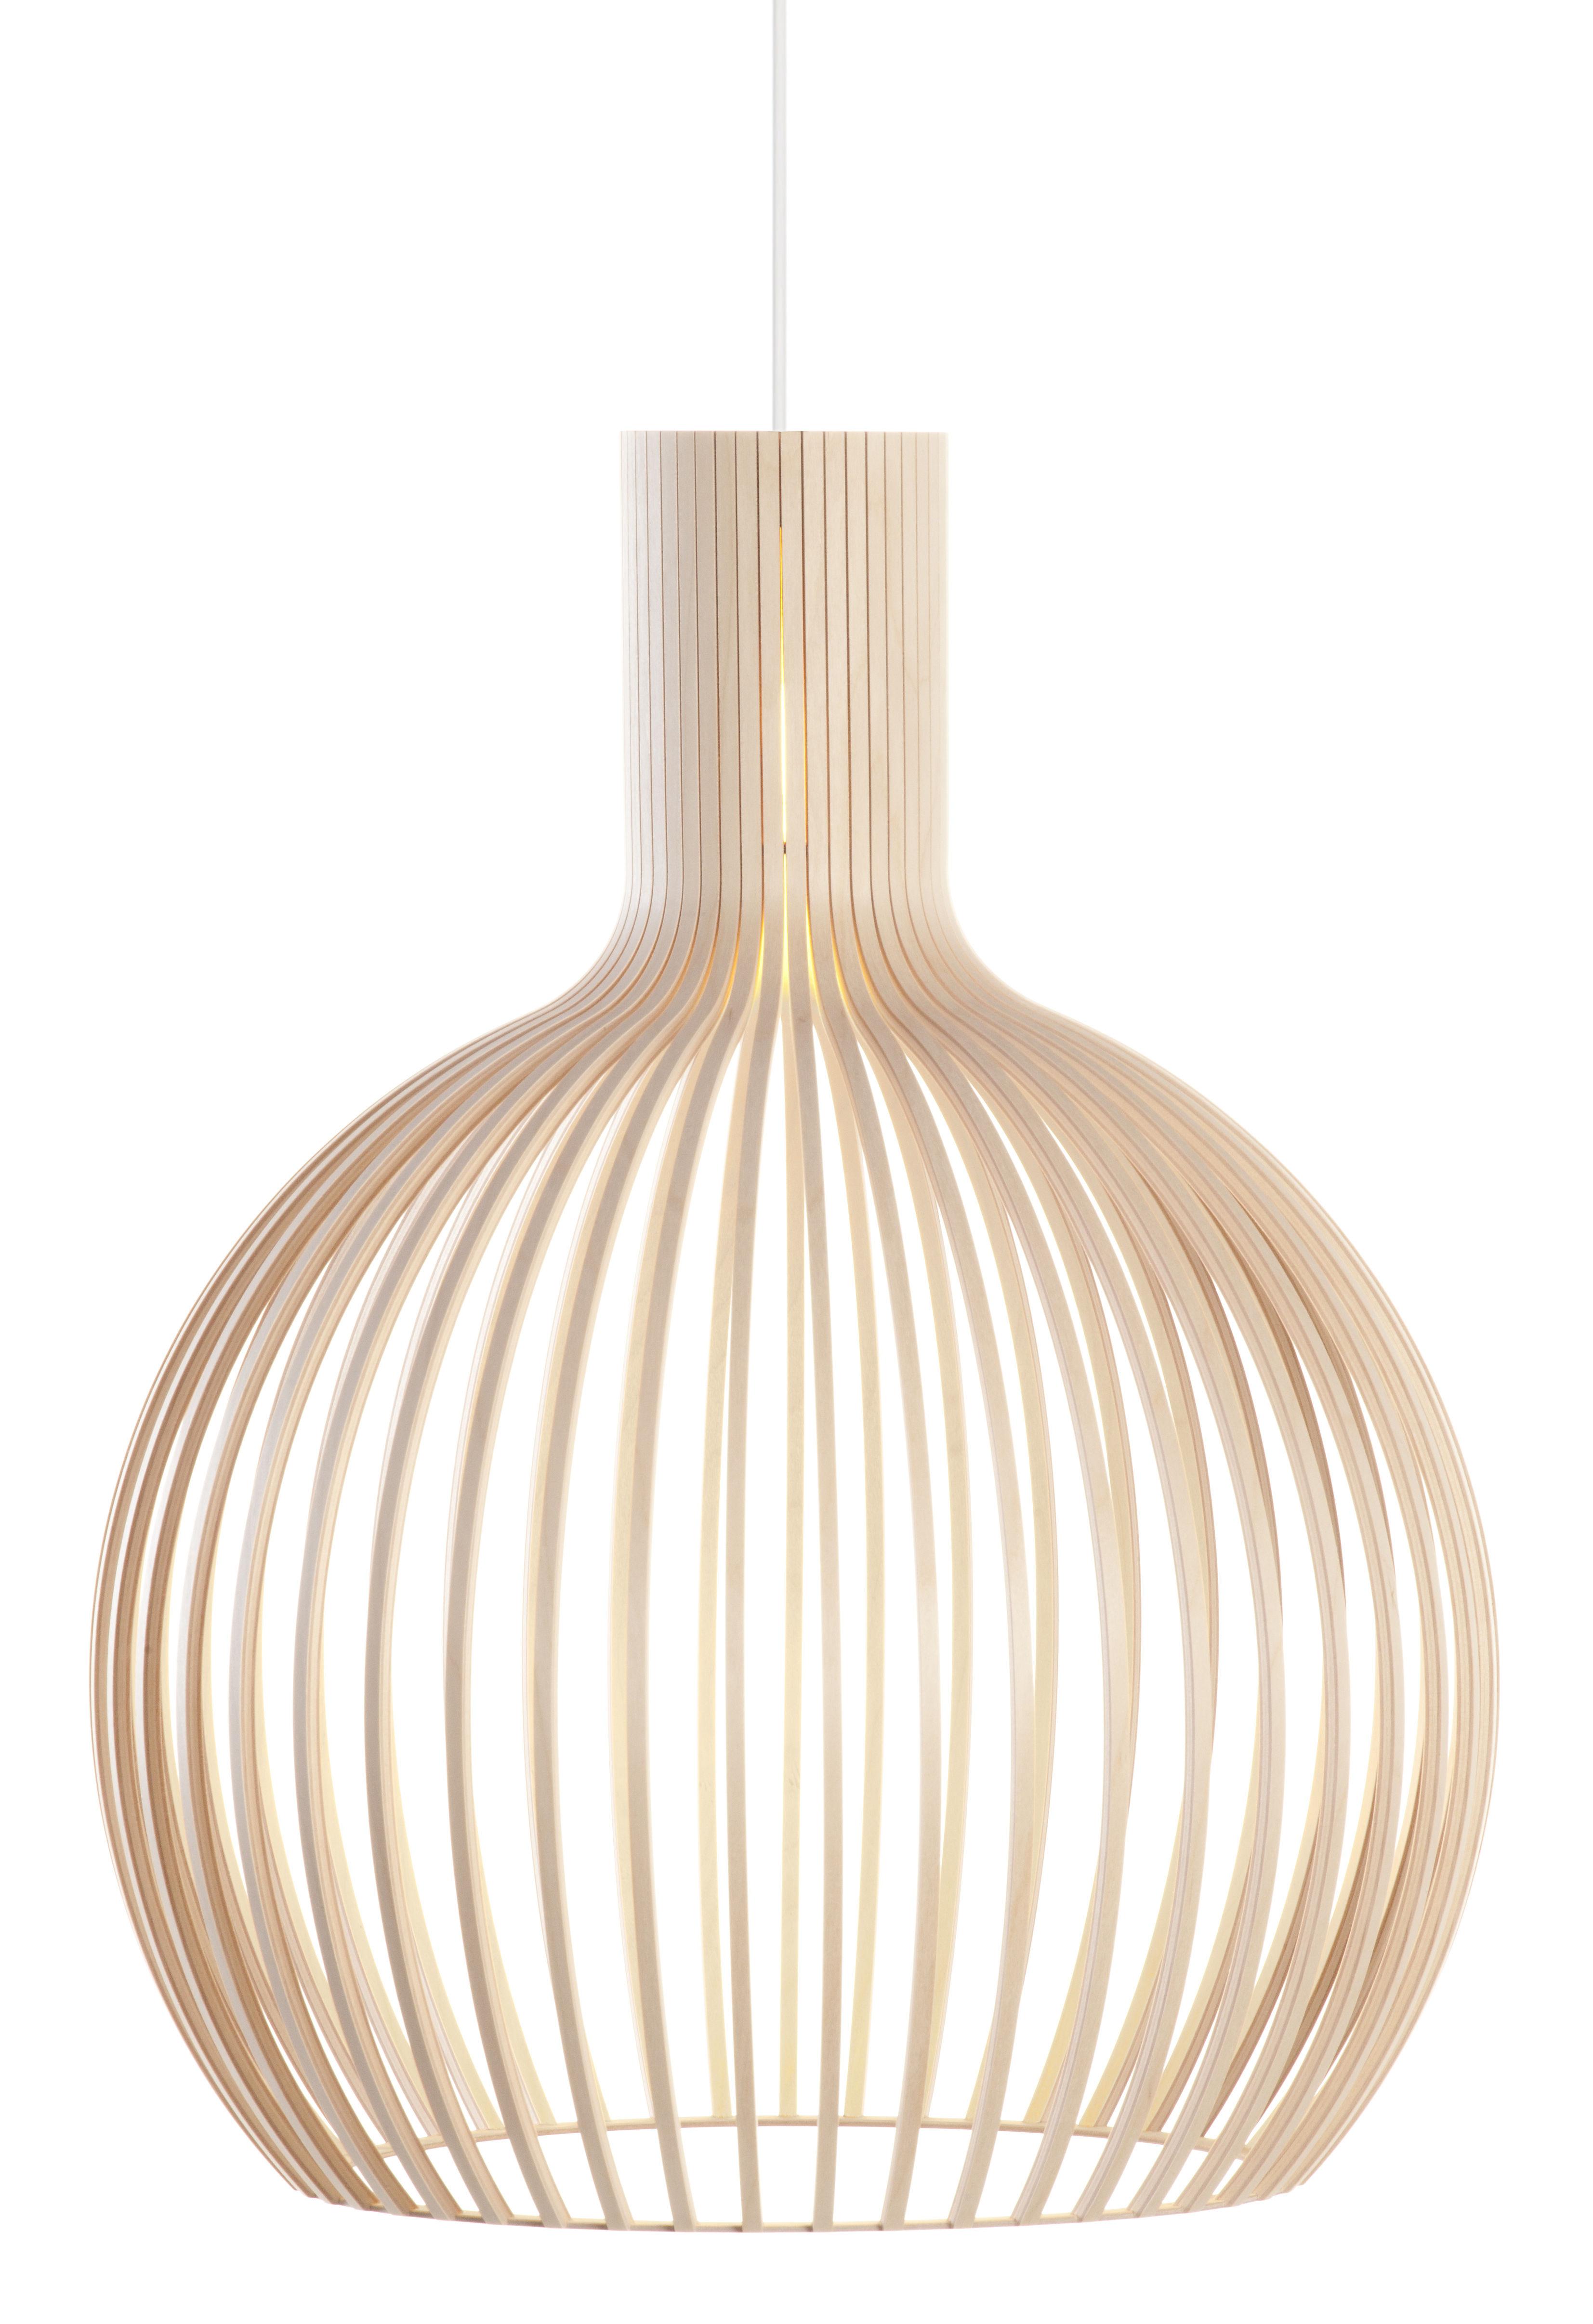 Illuminazione - Lampadari - Sospensione Octo - / Ø 54 cm di Secto Design - Betulla naturale / Cavo bianco - Doghe di betulla, Tessuto